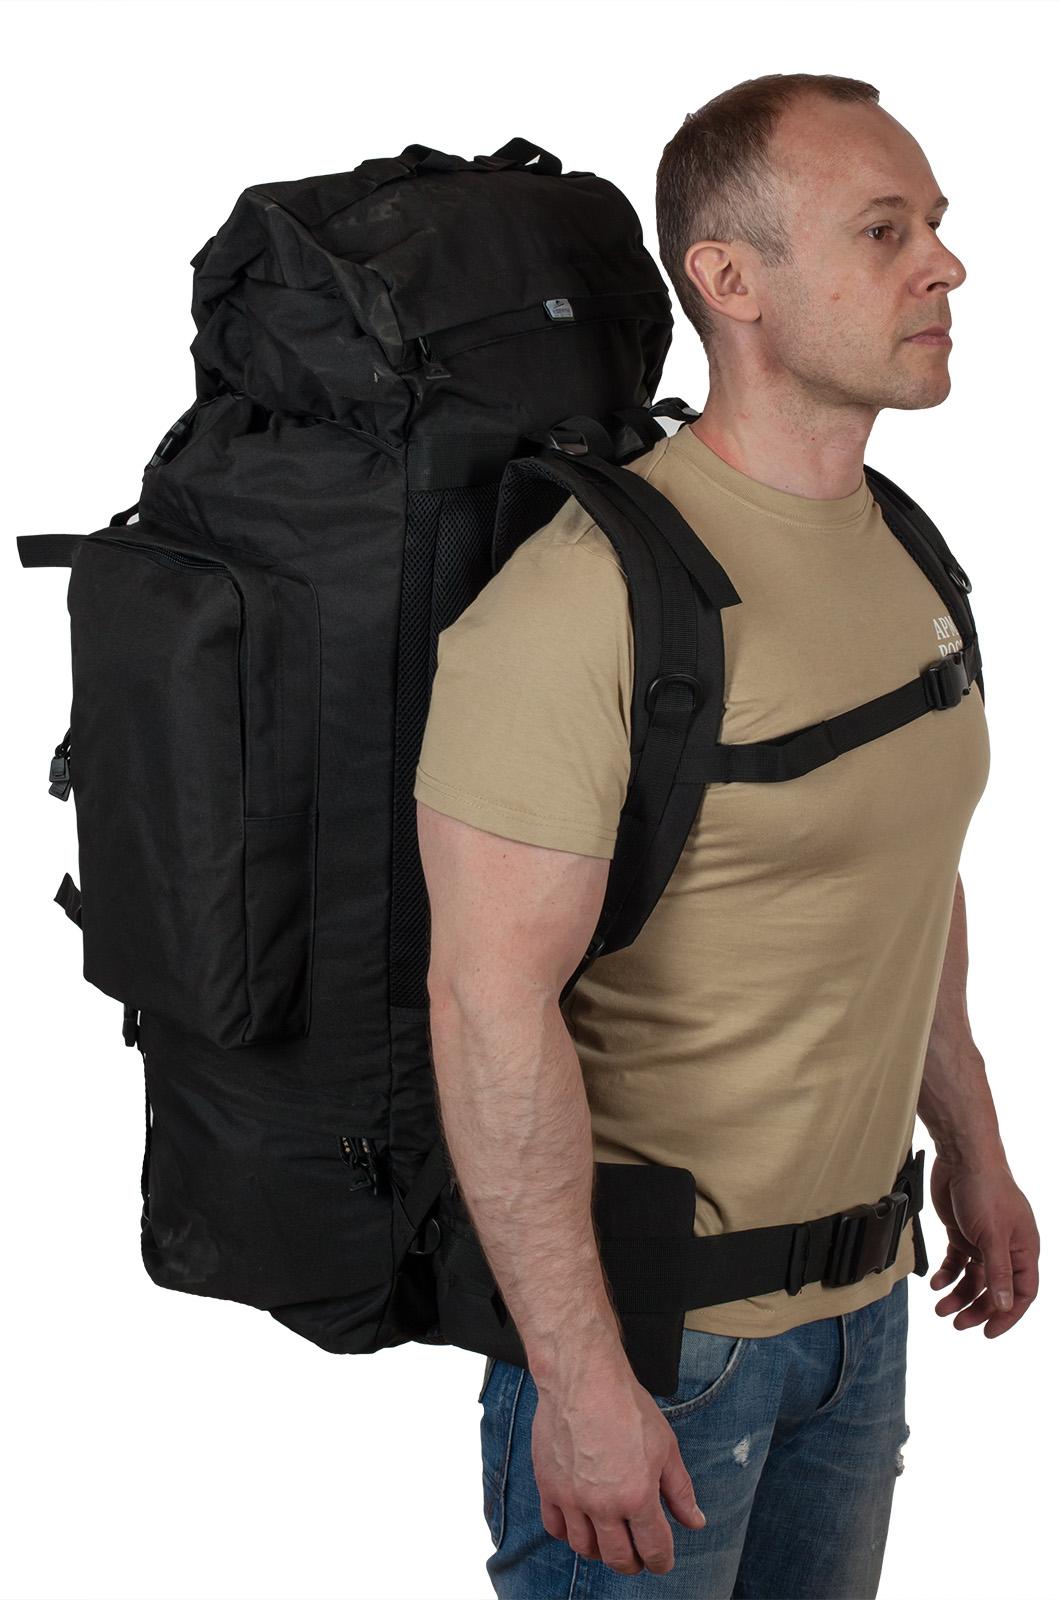 Многодневный черный рюкзак МВД Max Fuchs - купить оптом